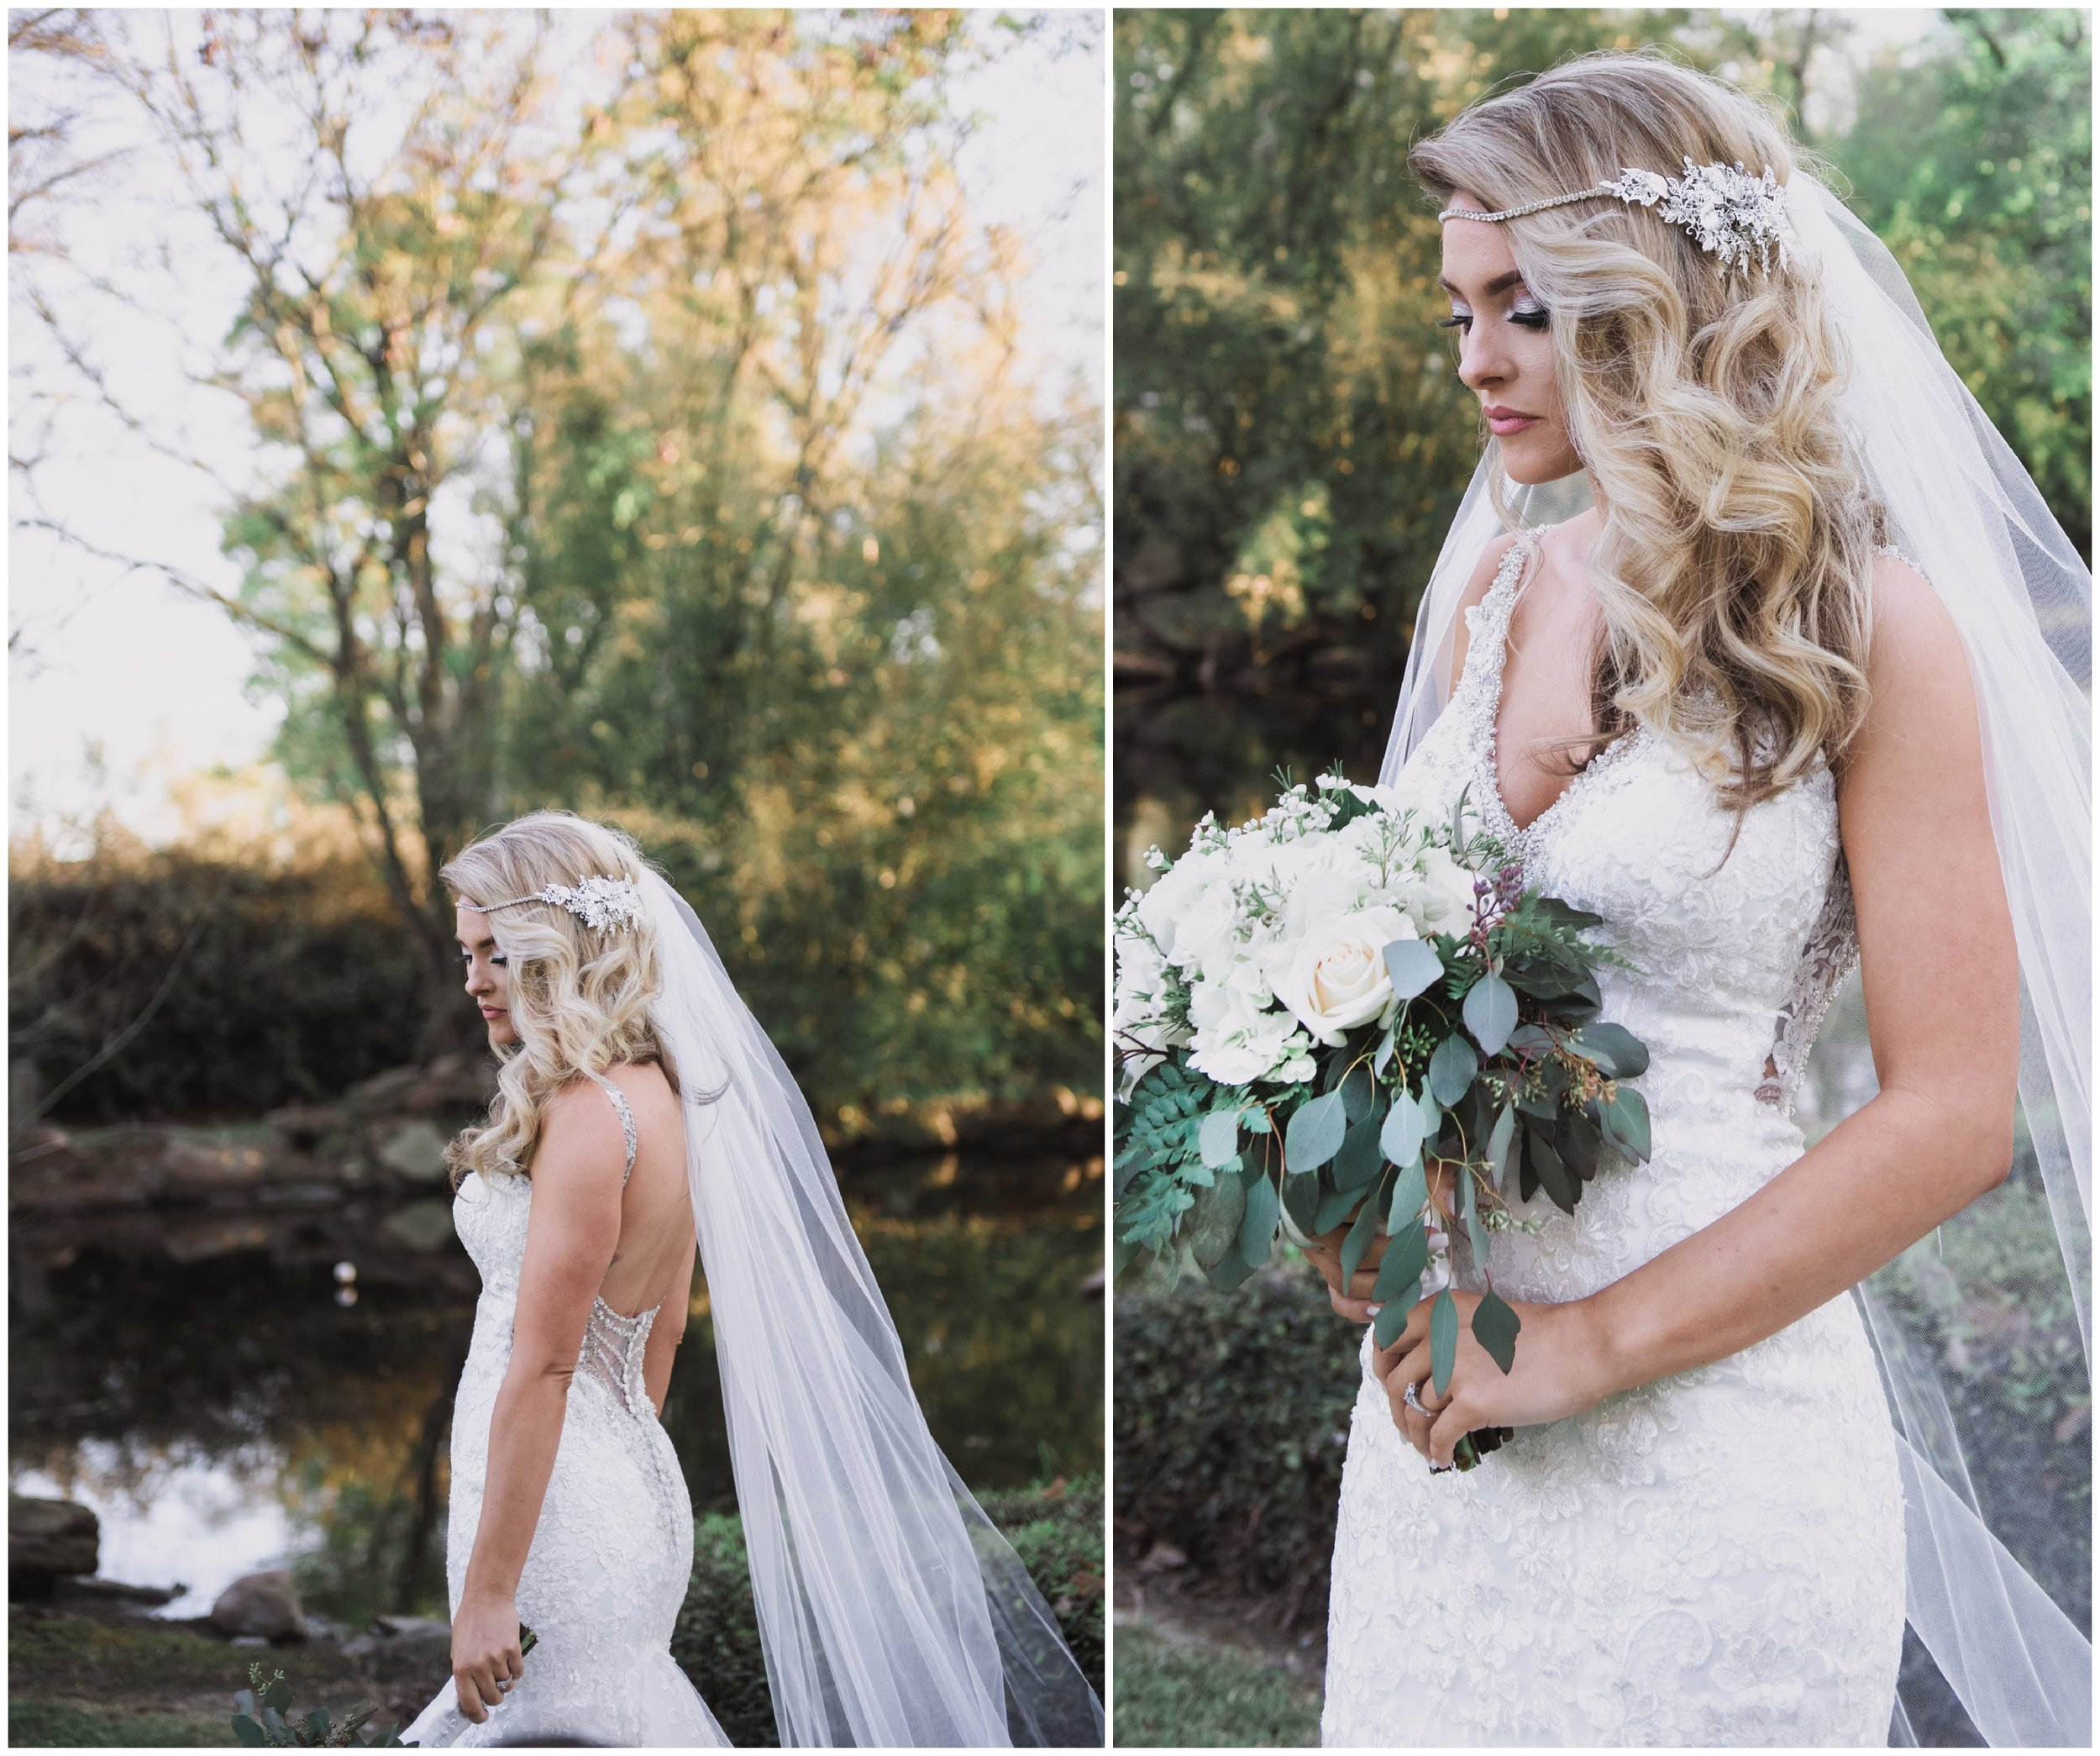 Ashley-Manor-wedding-baton-rouge